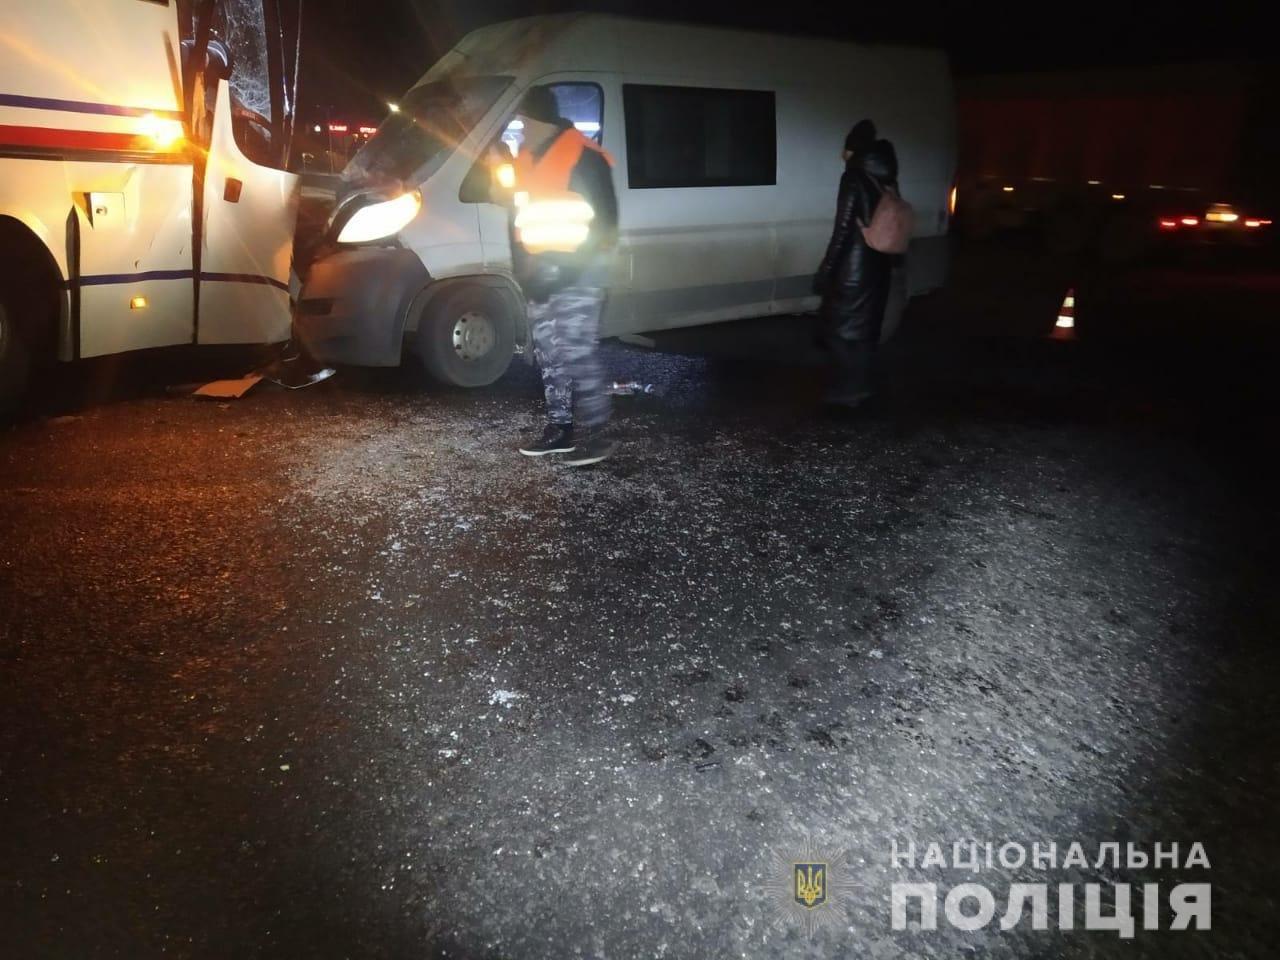 На Харьковщине микроавтобус «влетел» в рейсовый автобус: пять человек в больнице, - ФОТО, фото-3